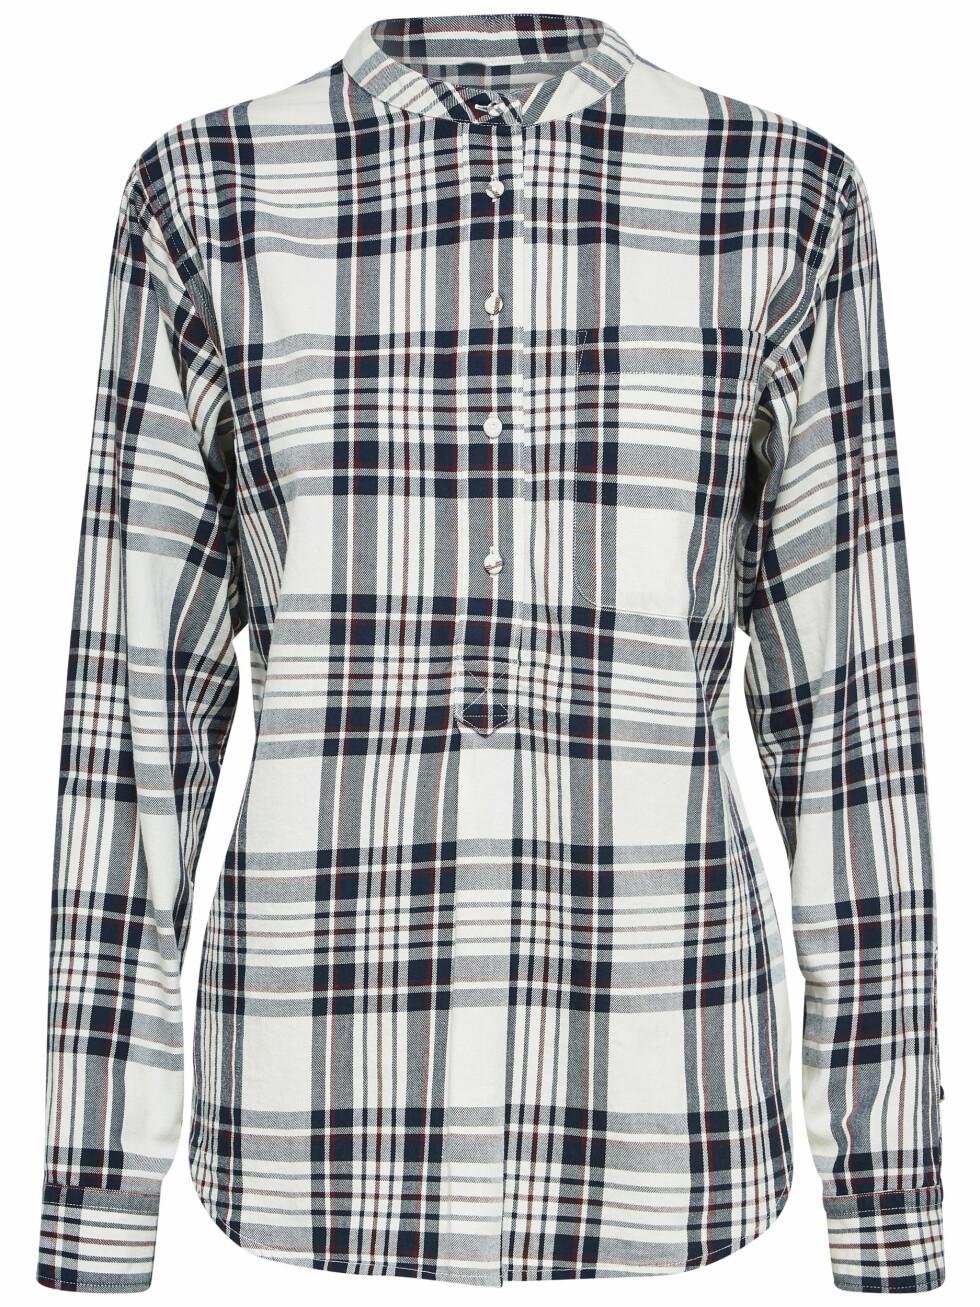 Rutete skjorte (kr 700, Selected Femme).